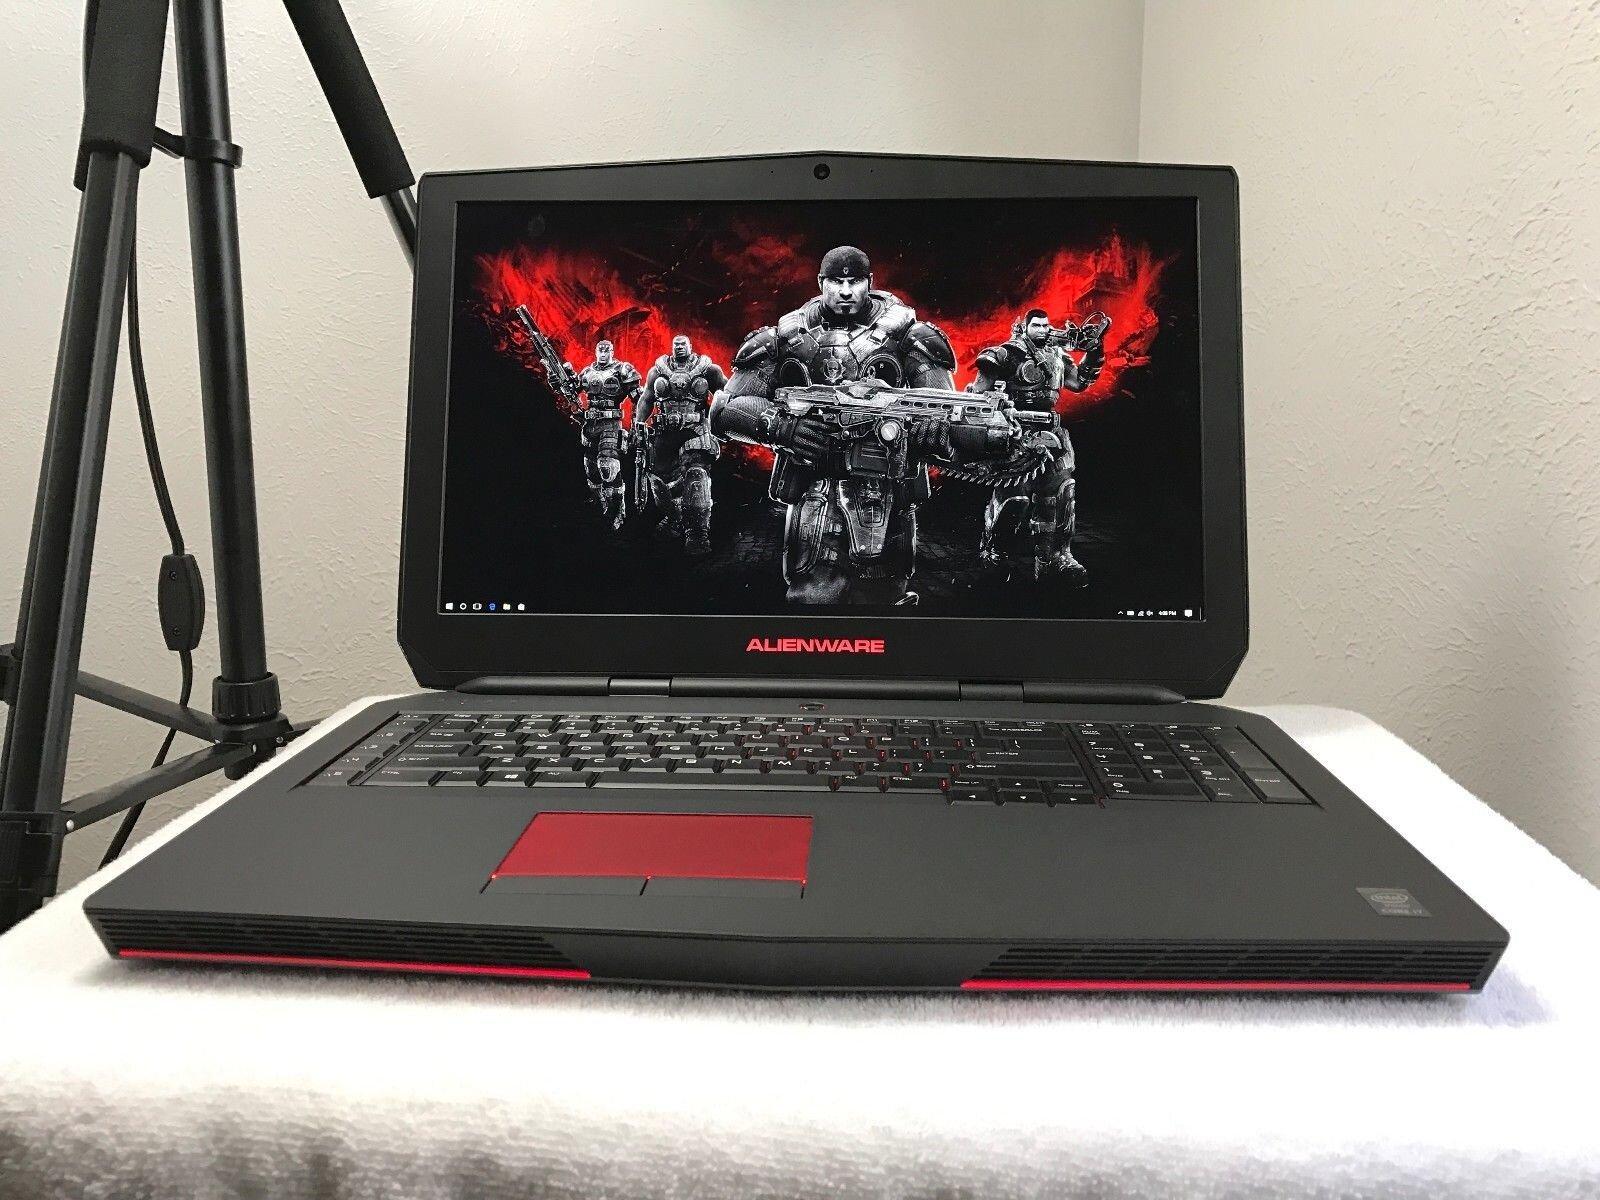 Laptop The Alienware 17 R2 cùng bạn chinh phục những tựa game nặng, hấp dẫn nhất